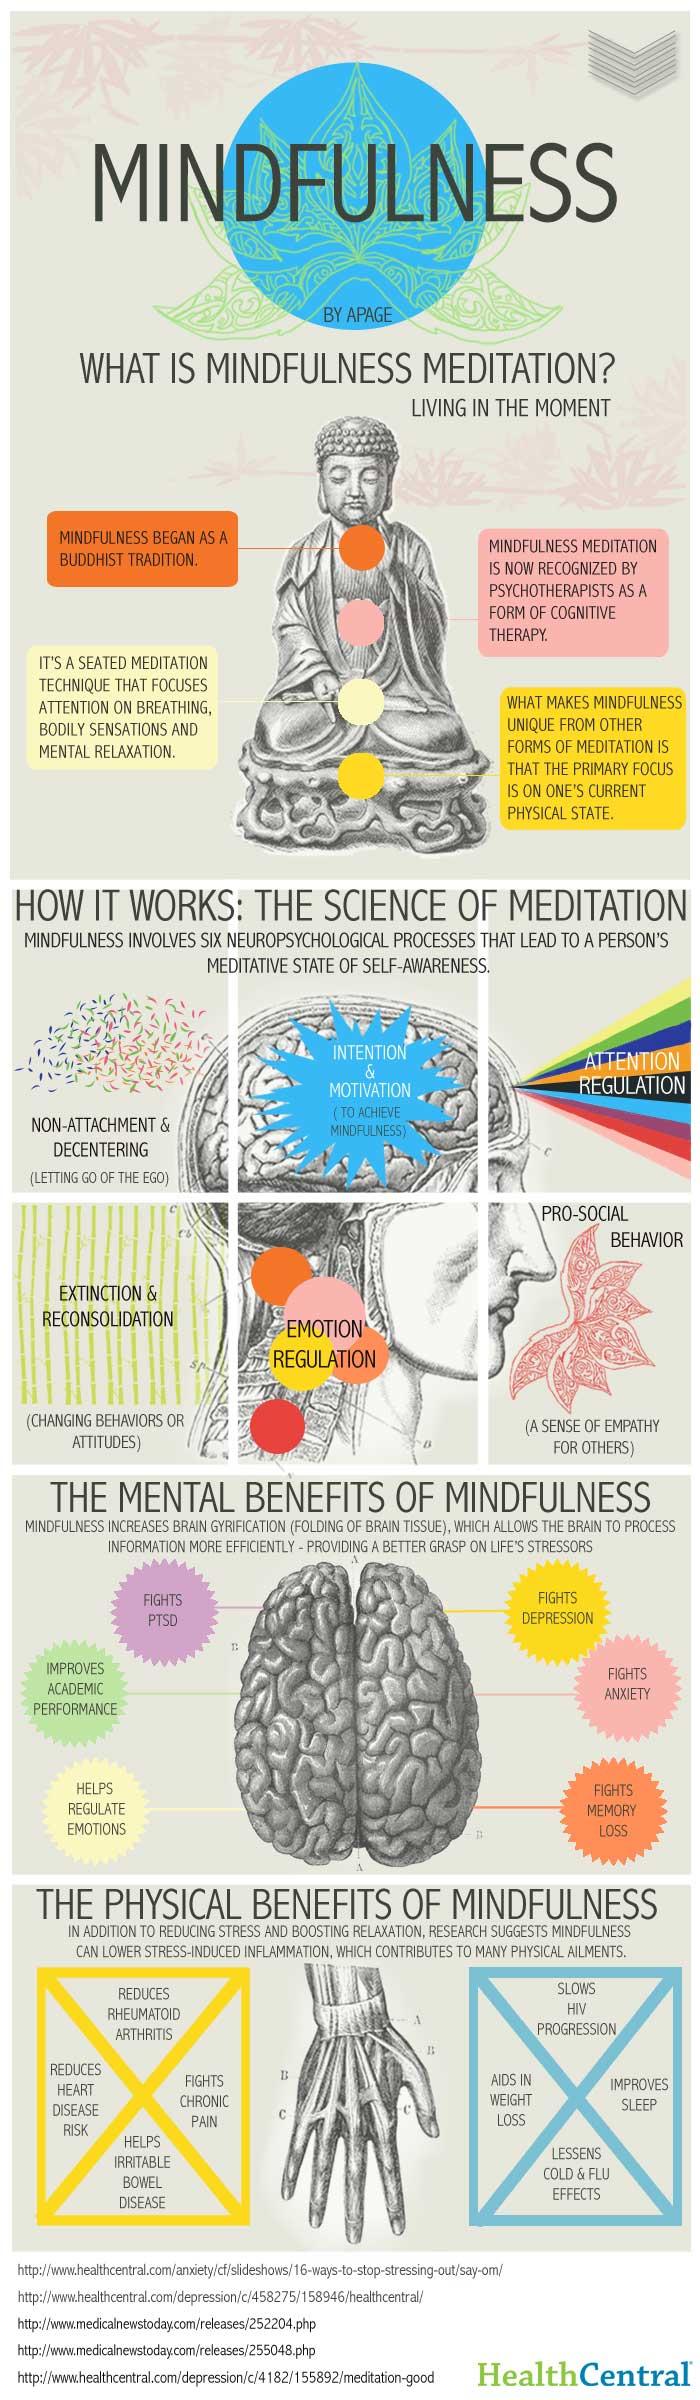 mindfulness_519252dac41cf